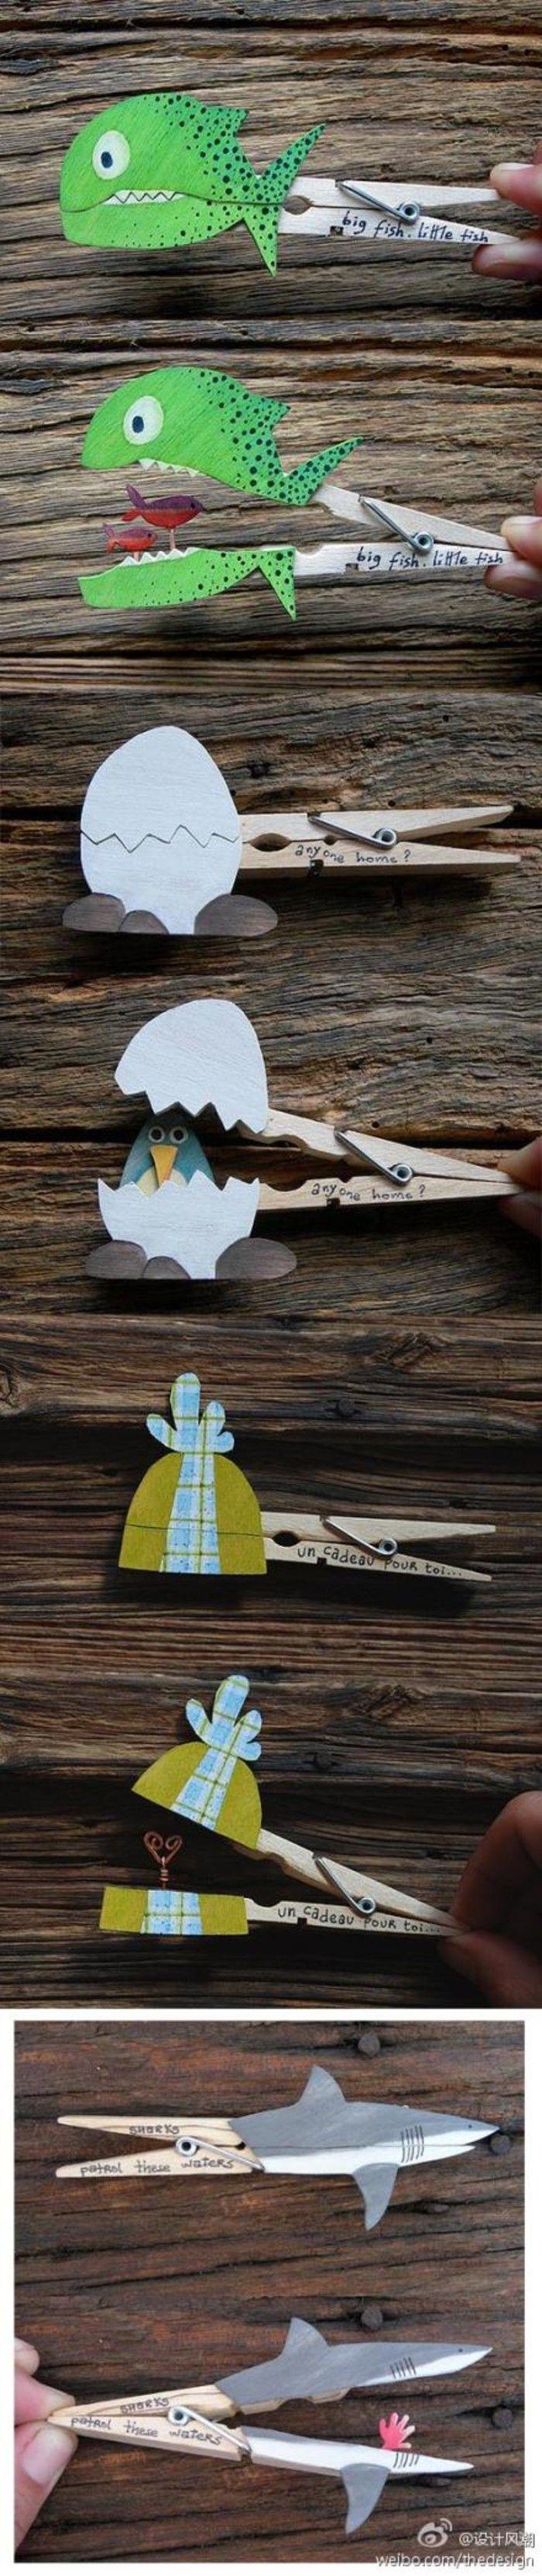 玩性大的夹子。。。。by Molas & Co